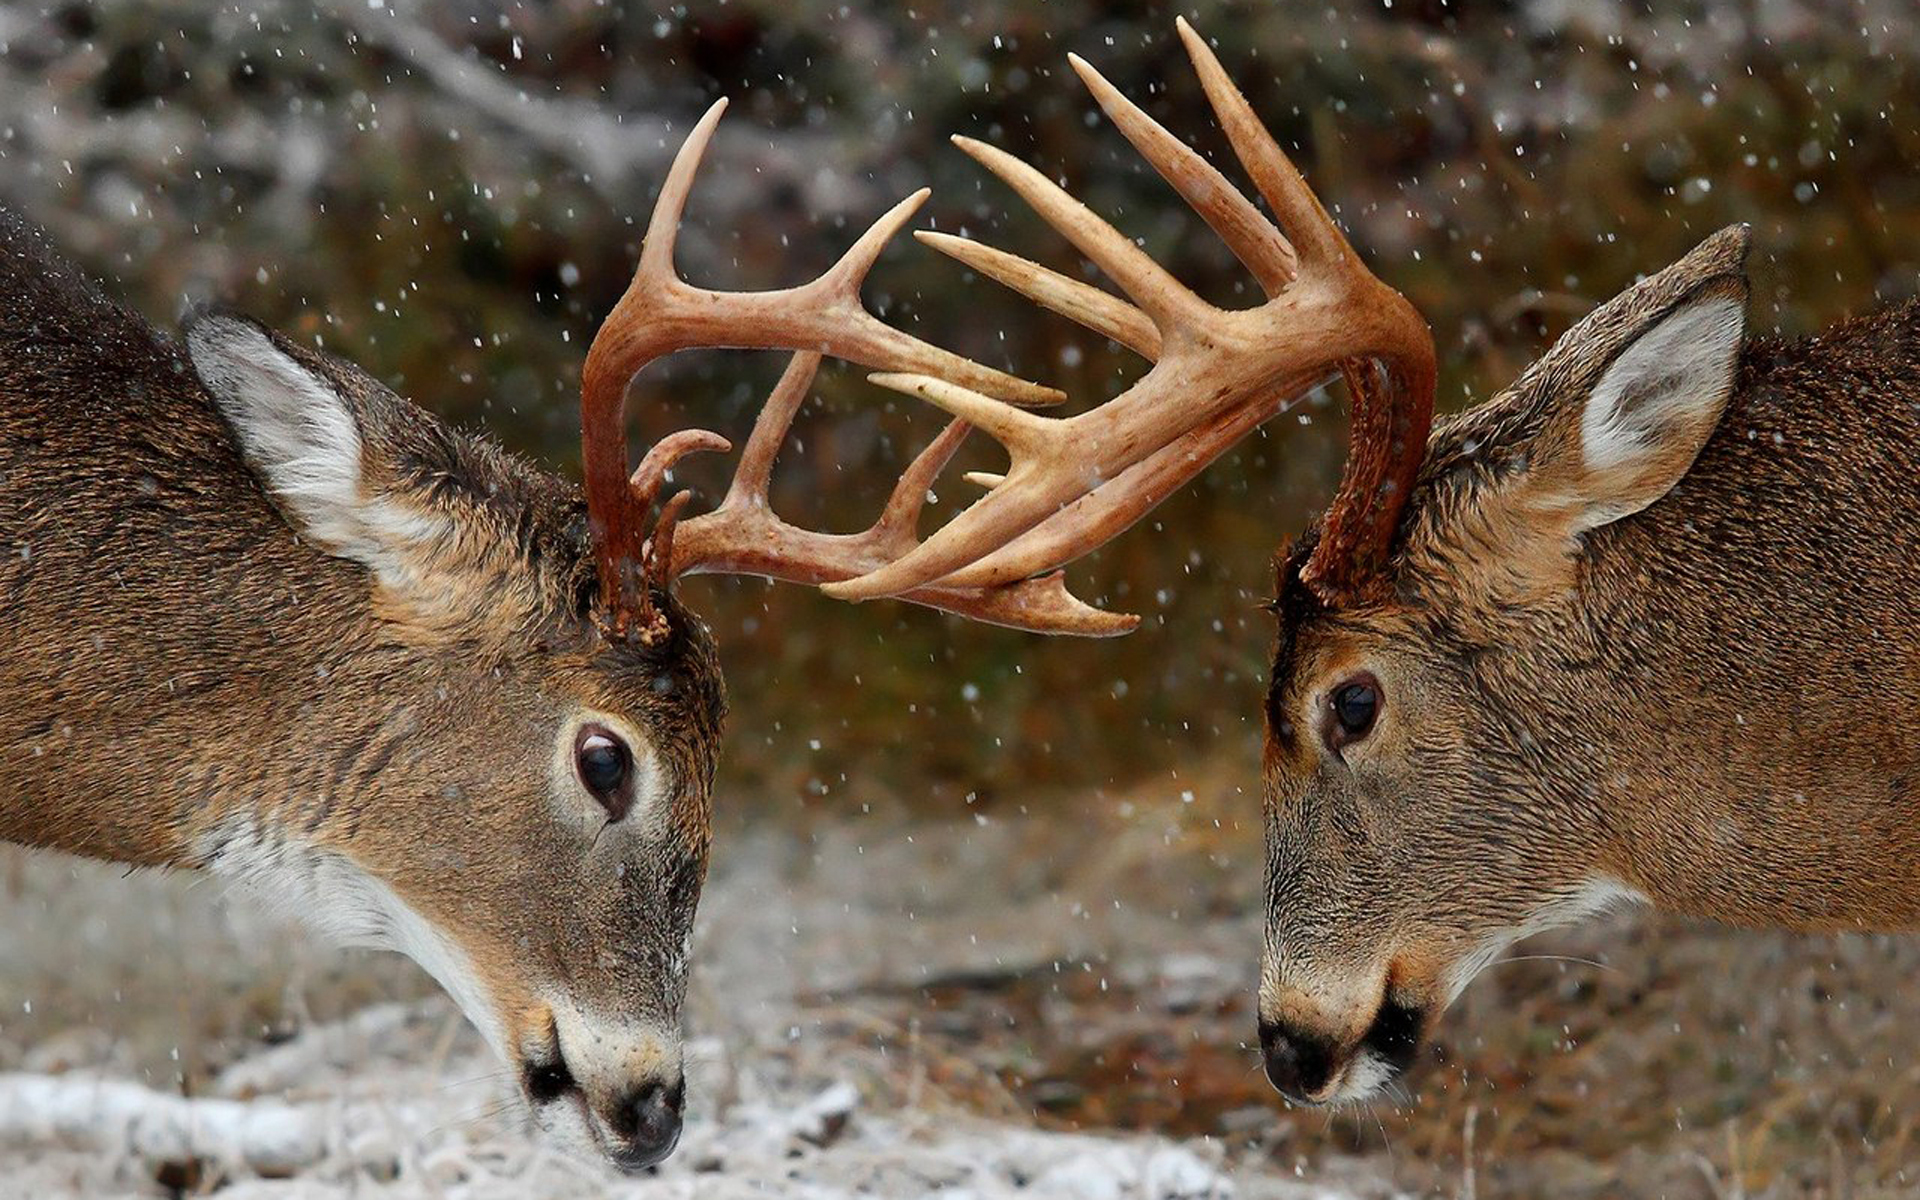 deer iphone hd wallpapers Desktop Backgrounds for HD Wallpaper 1920x1200